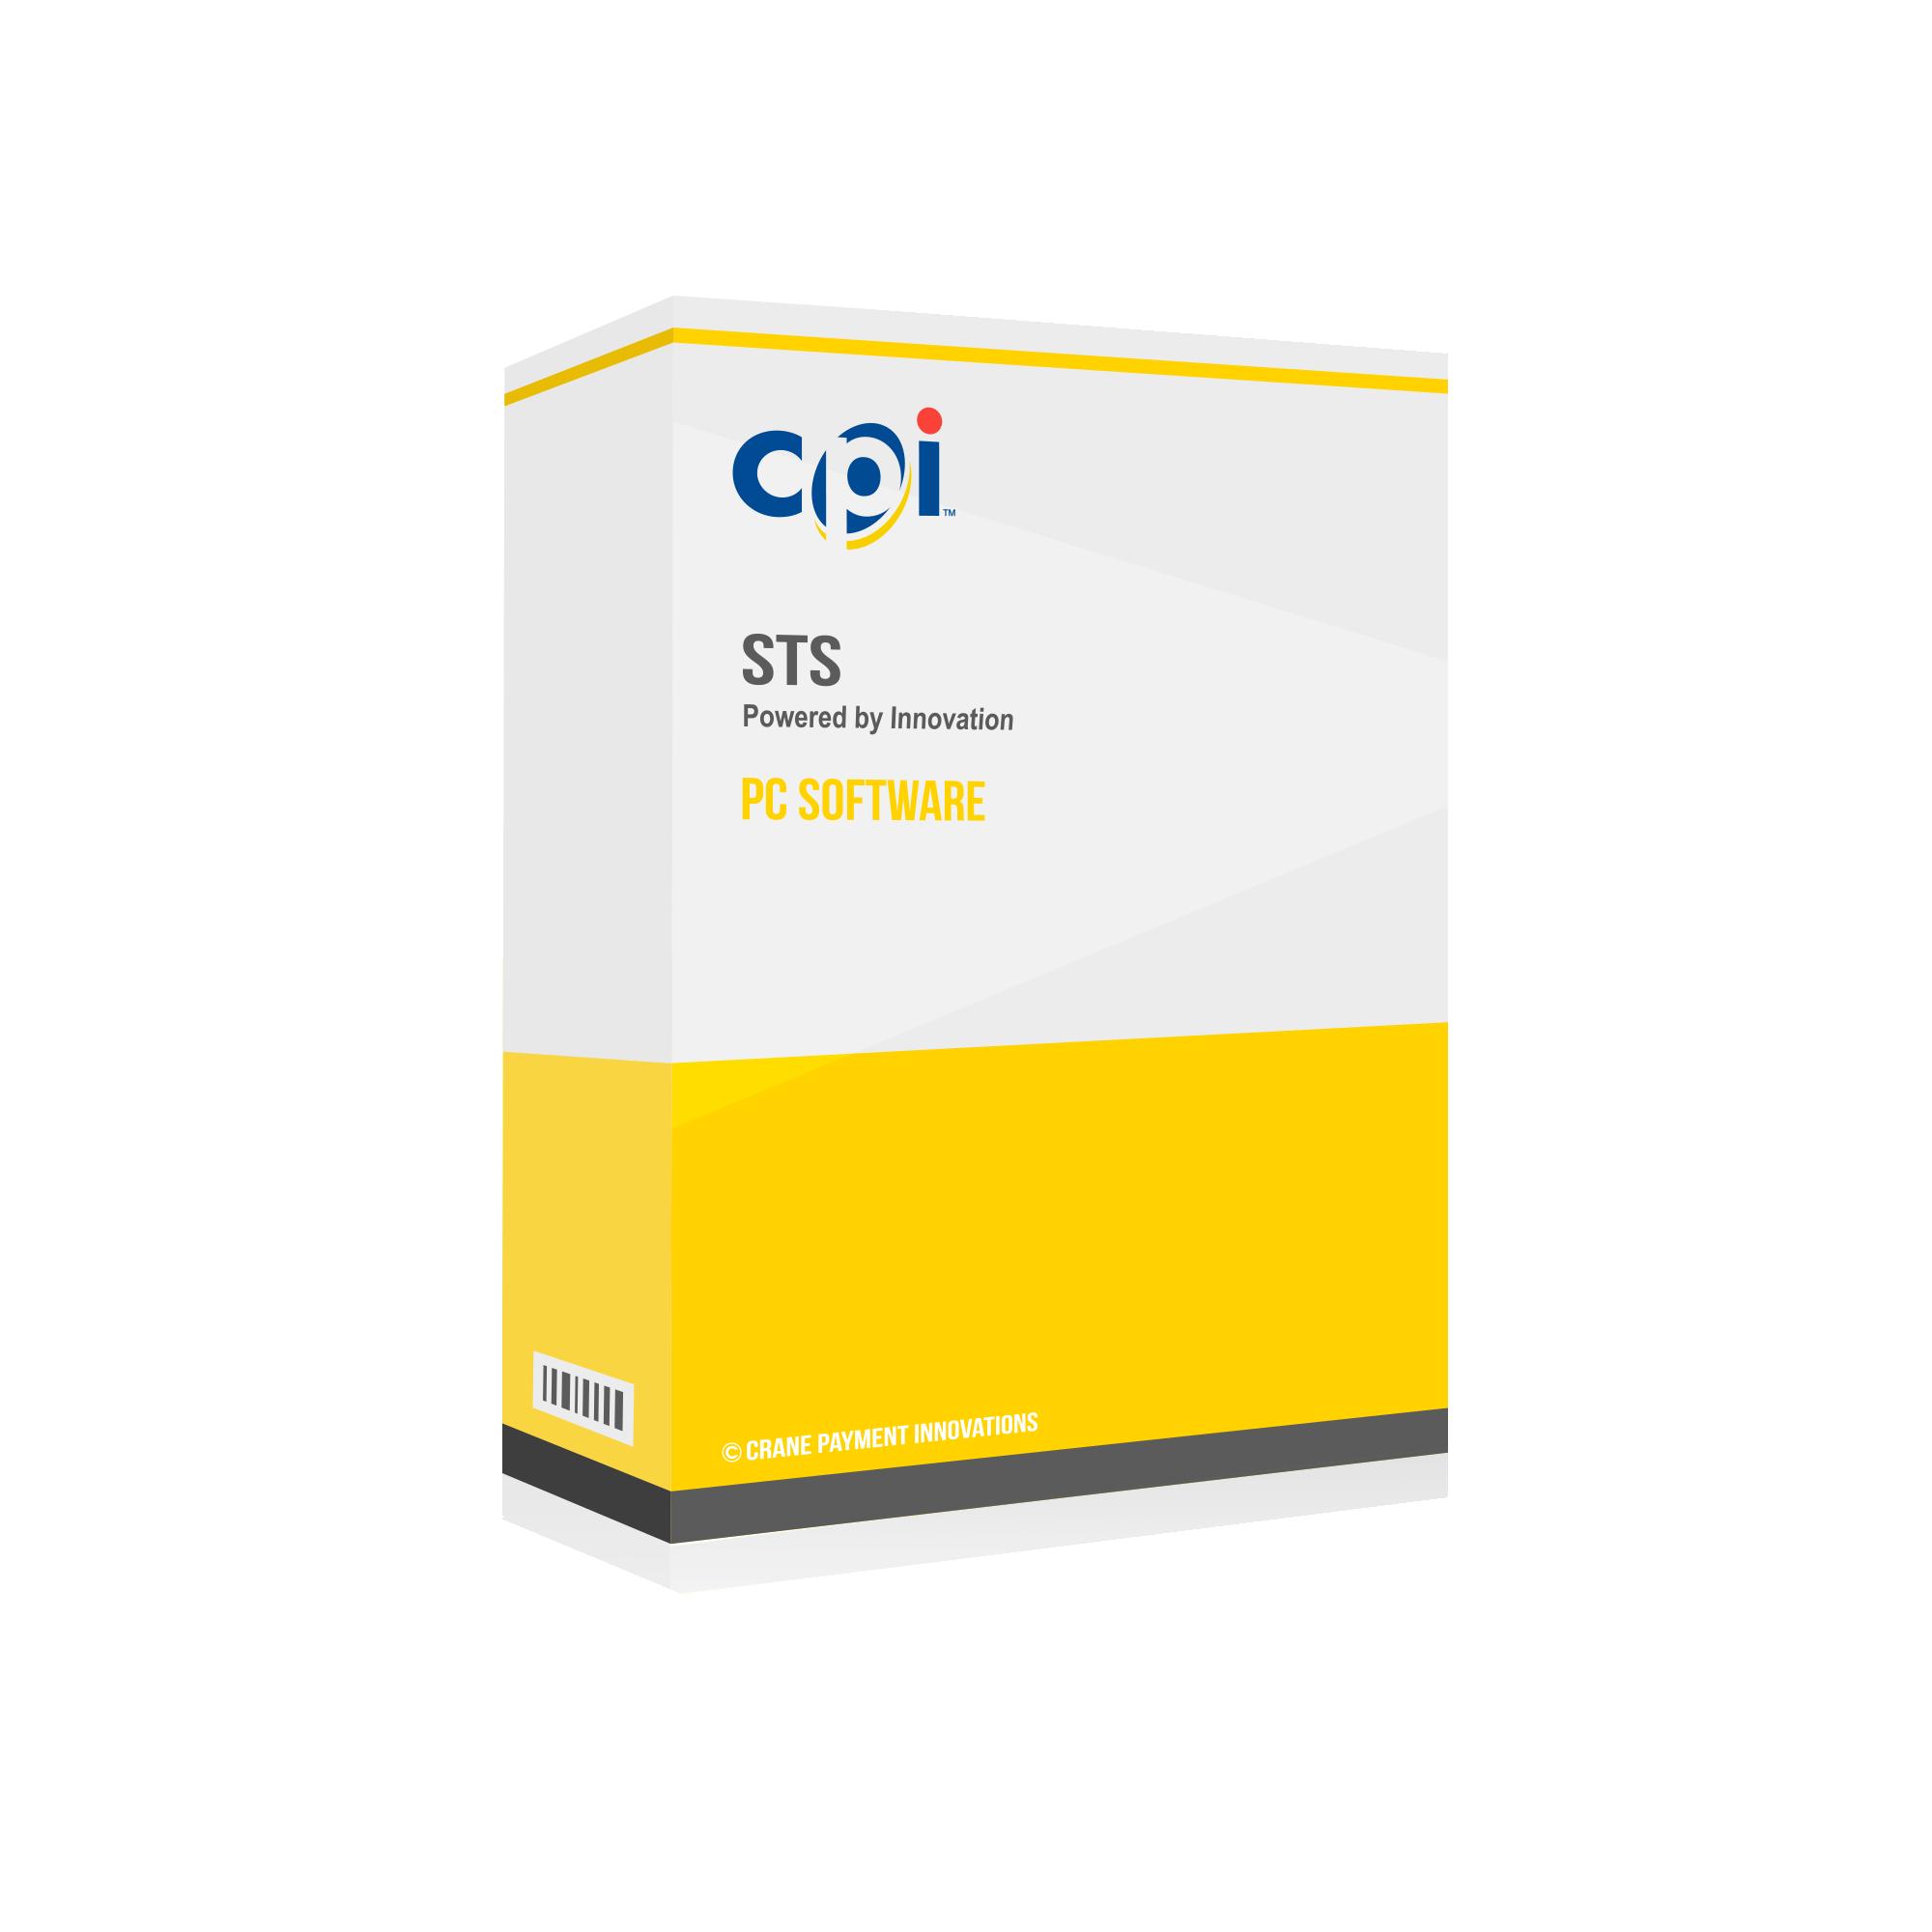 EC6970 | CPI